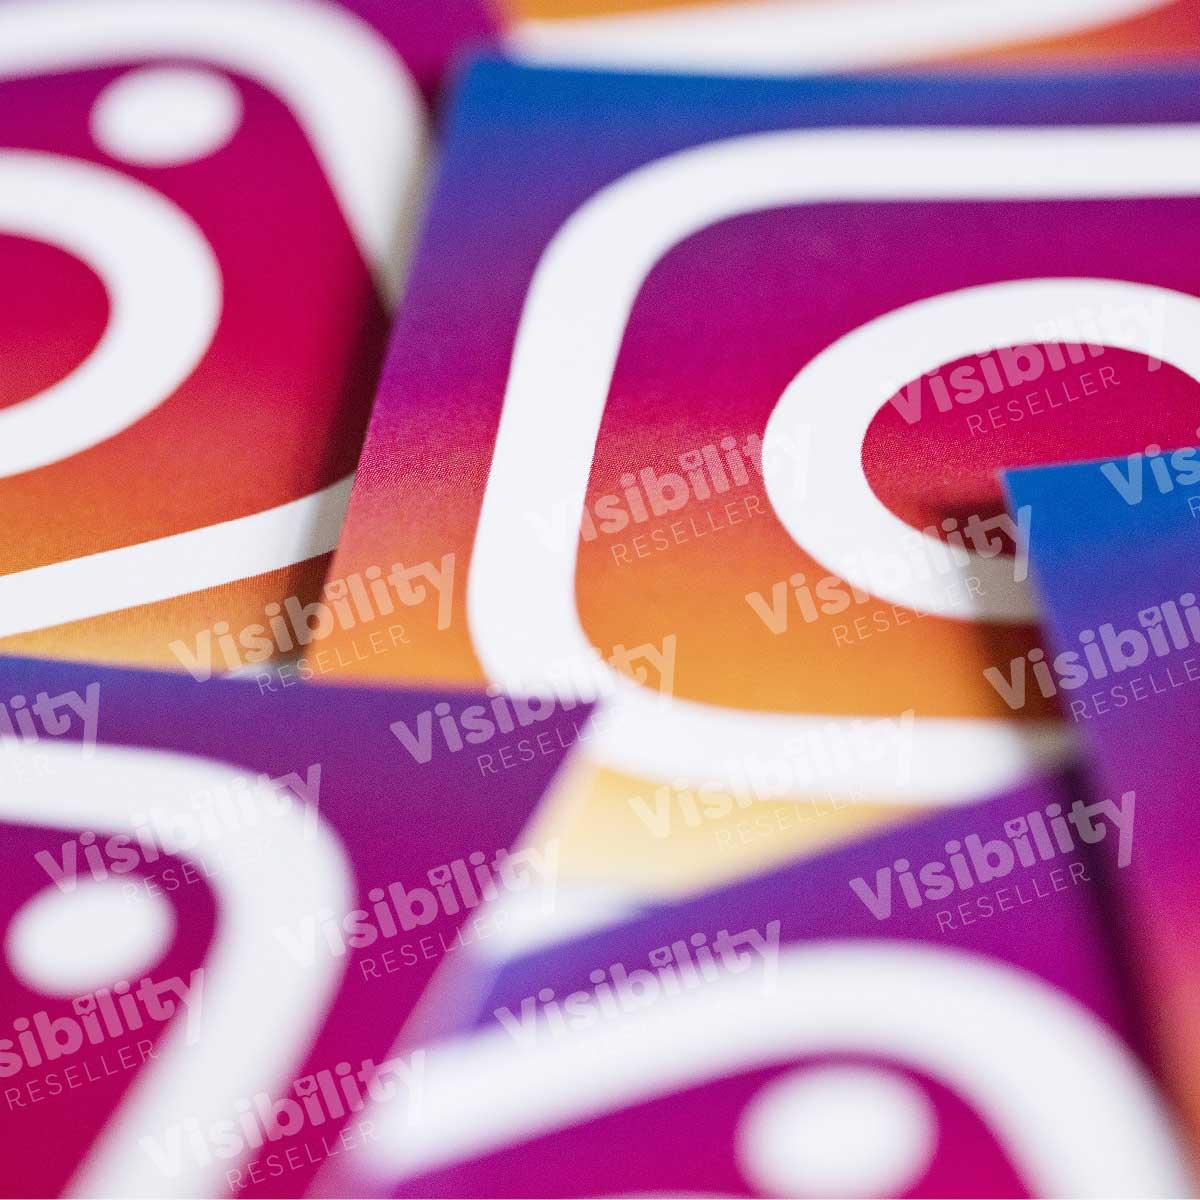 come fare swipe up su instagram